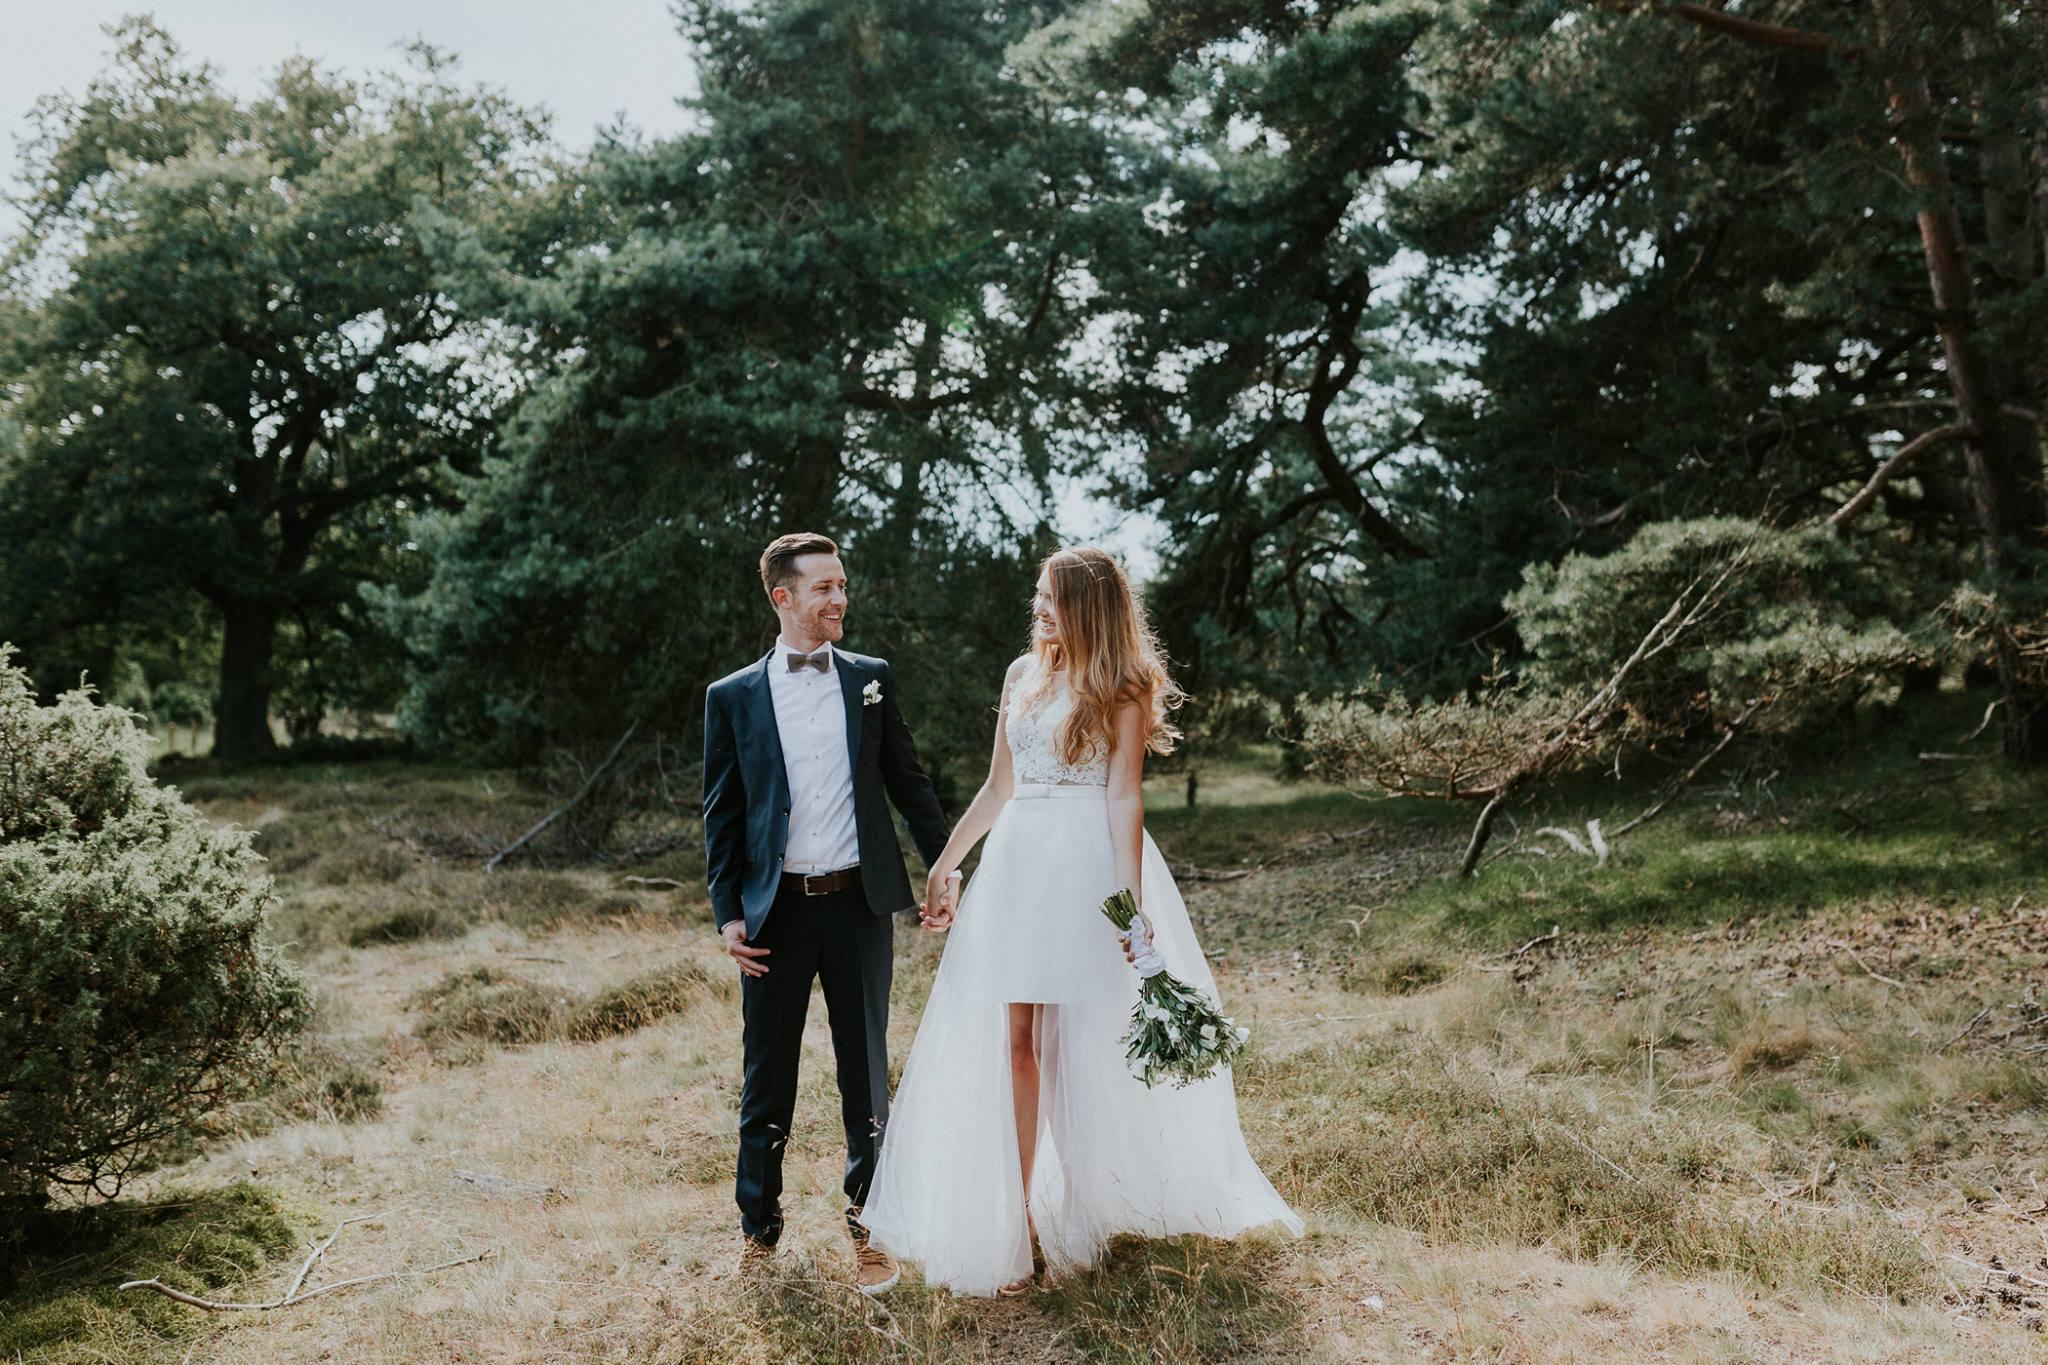 Das lächelnde Brautpaar steht in einem grünen Wald. Die Braut trägt einen Spitzenbody, einen weißen engen Rock, sowie eine zarte Schleppe. Die Haare fallen ihr sanft über die Schultern.